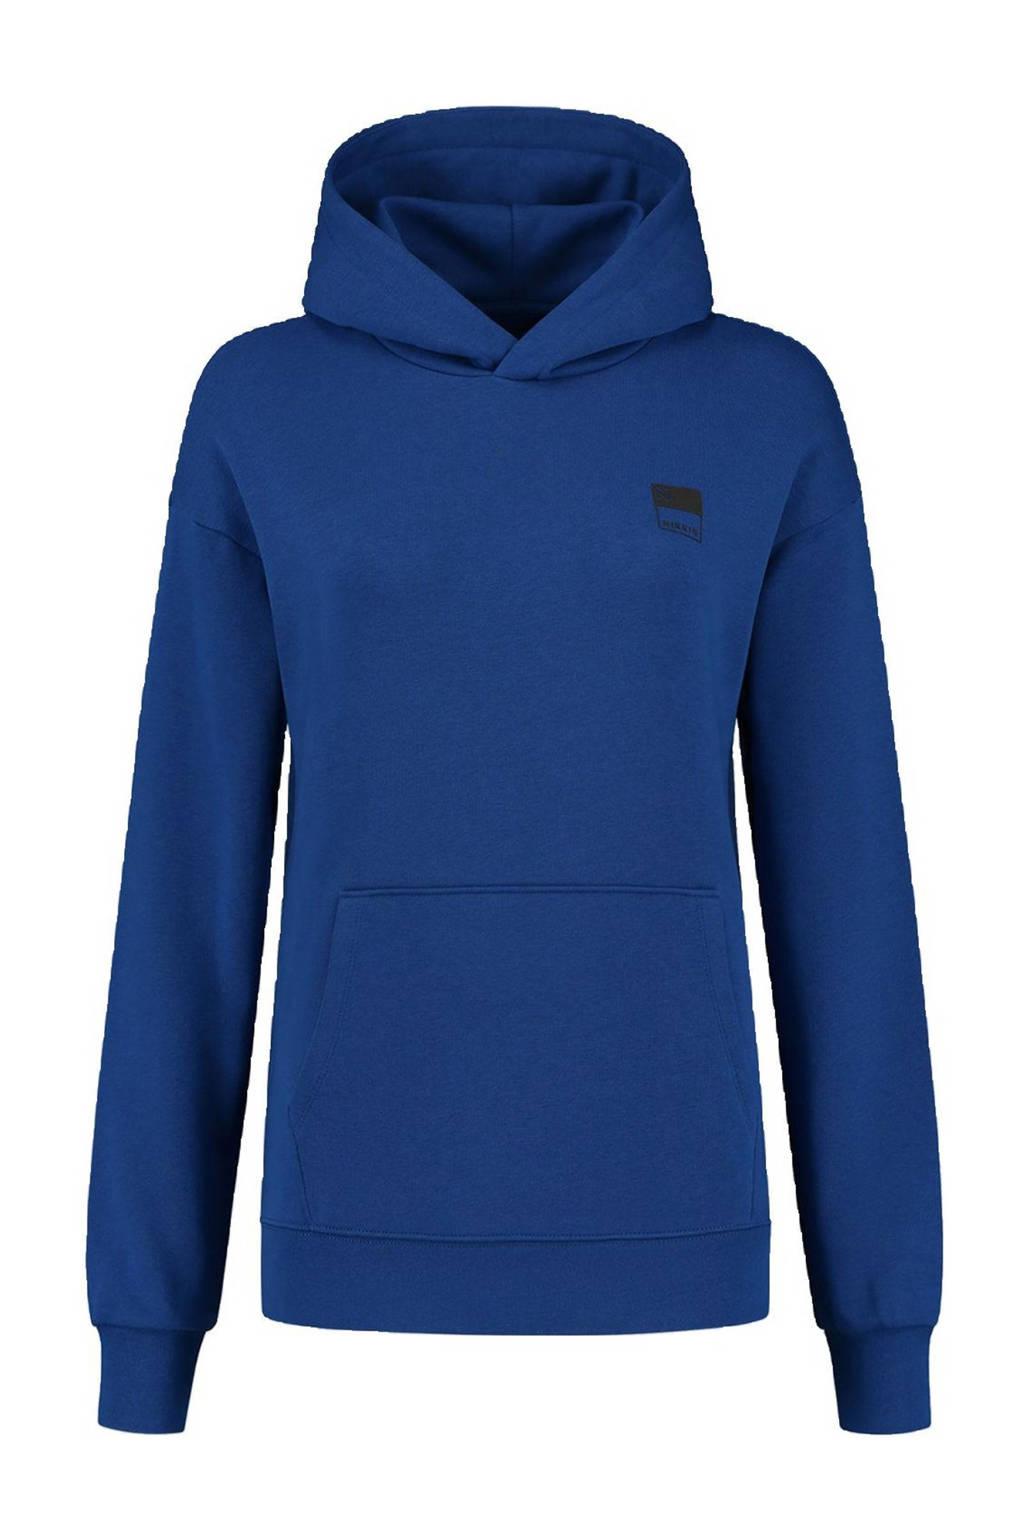 NIKKIE hoodie met printopdruk blauw, Blauw